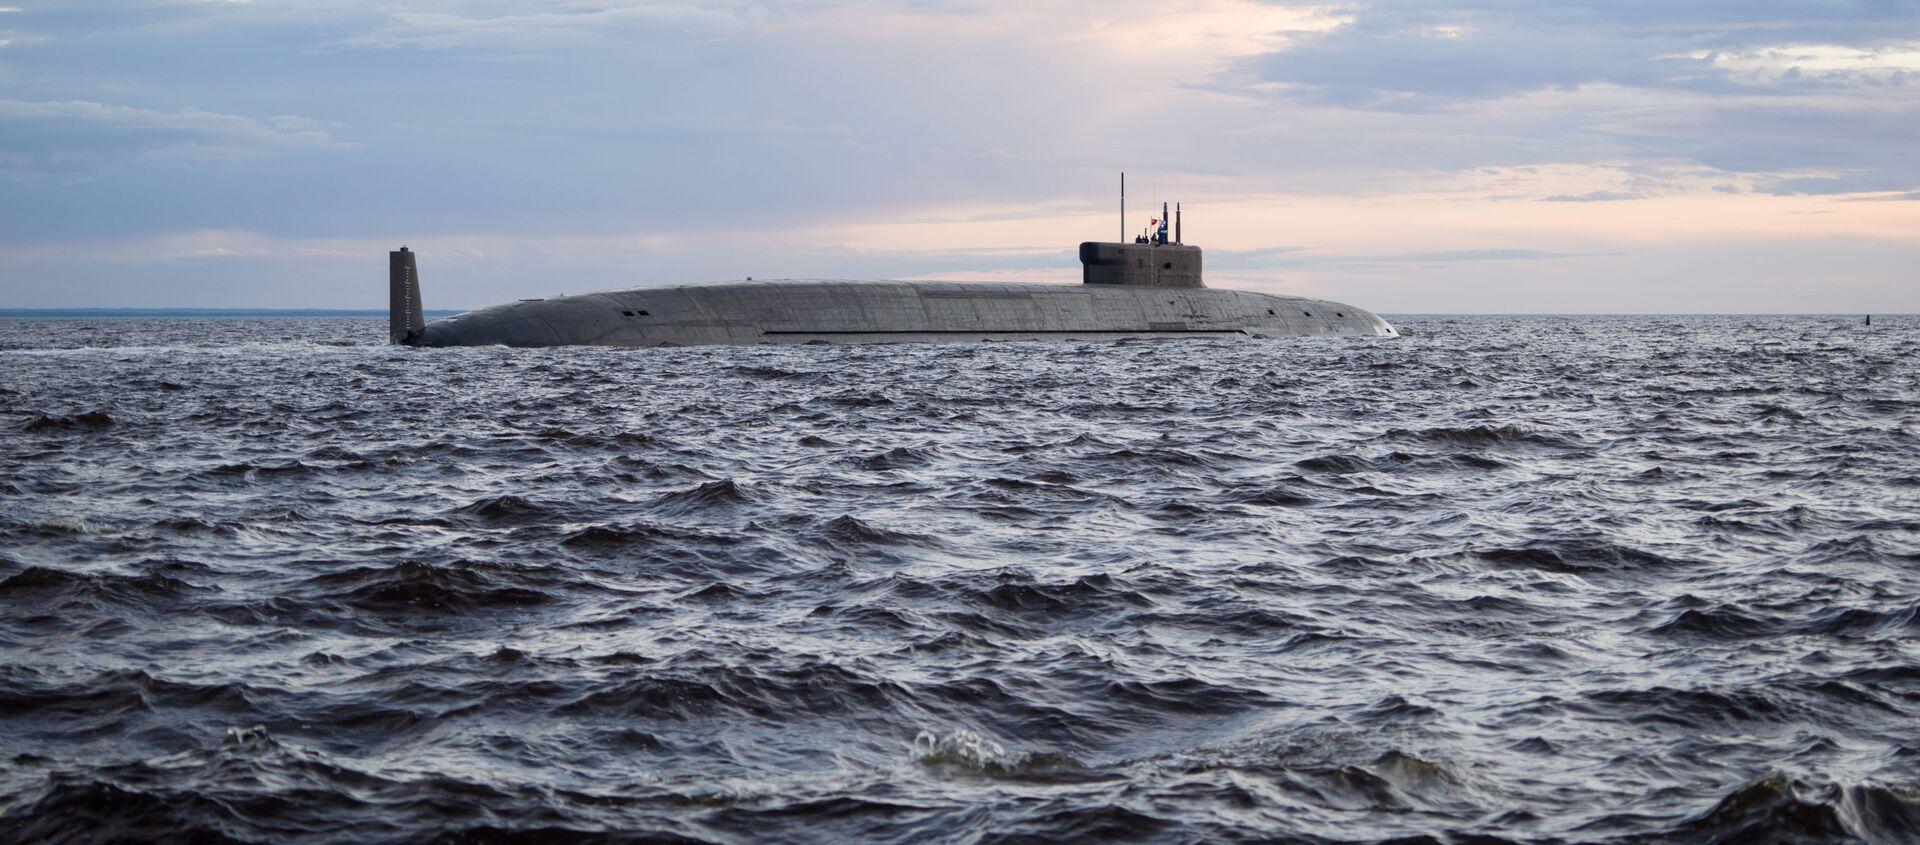 """Atomowy strategiczny podwodny krążownik rakietowy """"Książę Włodzimierz"""" na wodach Sewerodwińska - Sputnik Polska, 1920, 27.07.2020"""